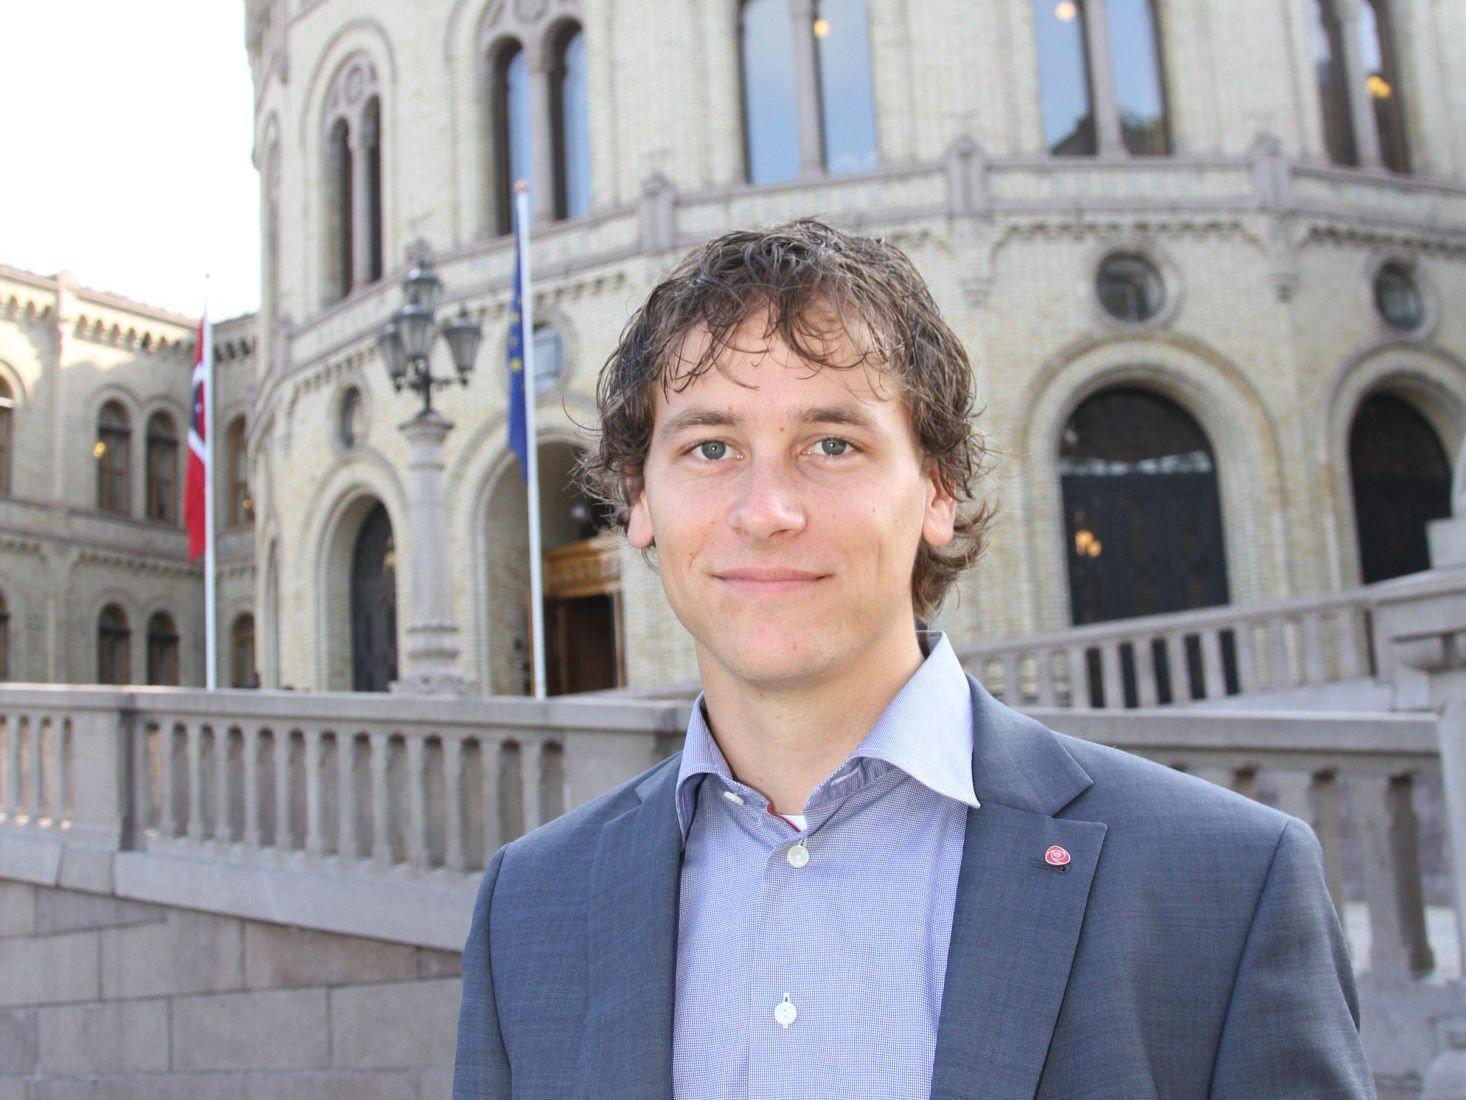 SOMMERJOBB: Arbeiderpartiets stortingsrepresentant Fredric Holen Bjørdal (24), ville ikke bare ha ferie, og søkte derfor sommerjobb for å erfare politikken han selv er med på å vedta.